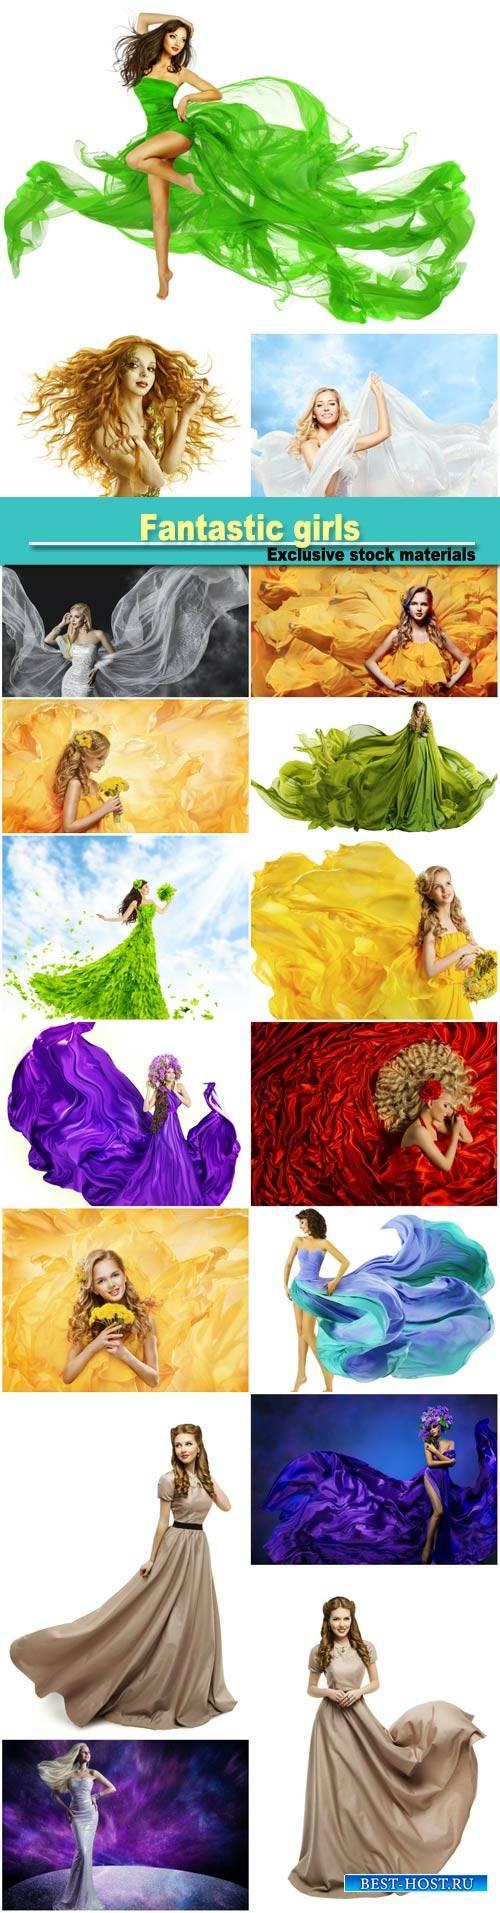 Fantastic girls in beautiful dresses